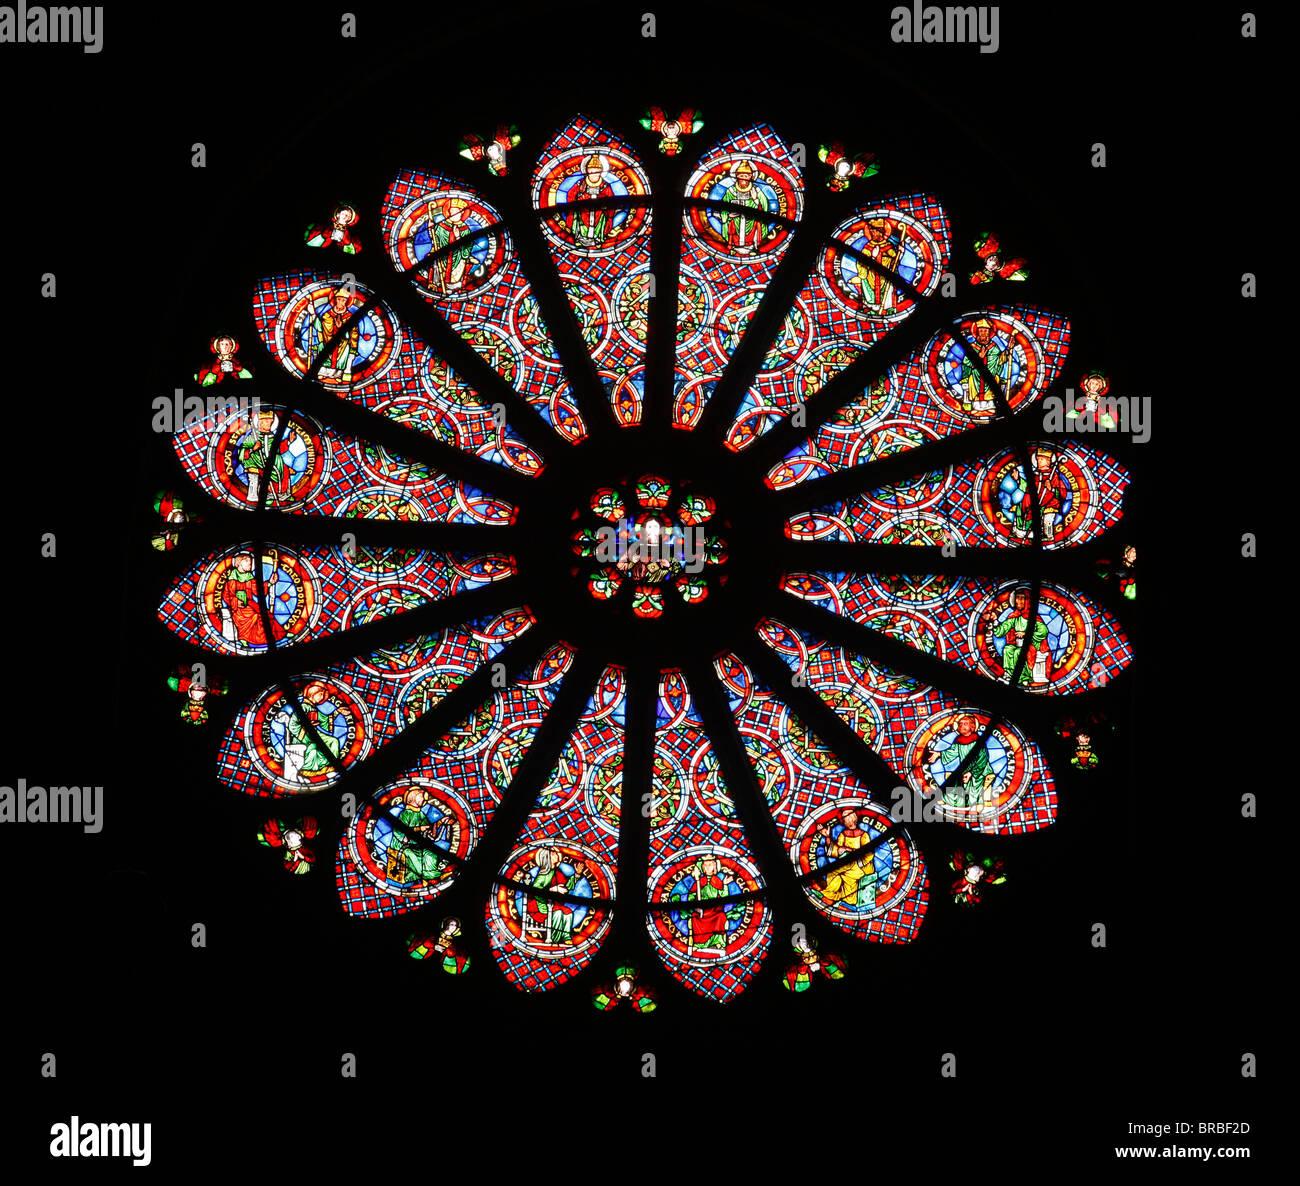 Rosace, basilique Saint Remy, UNESCO World Heritage Site, Reims, Marne, France Photo Stock